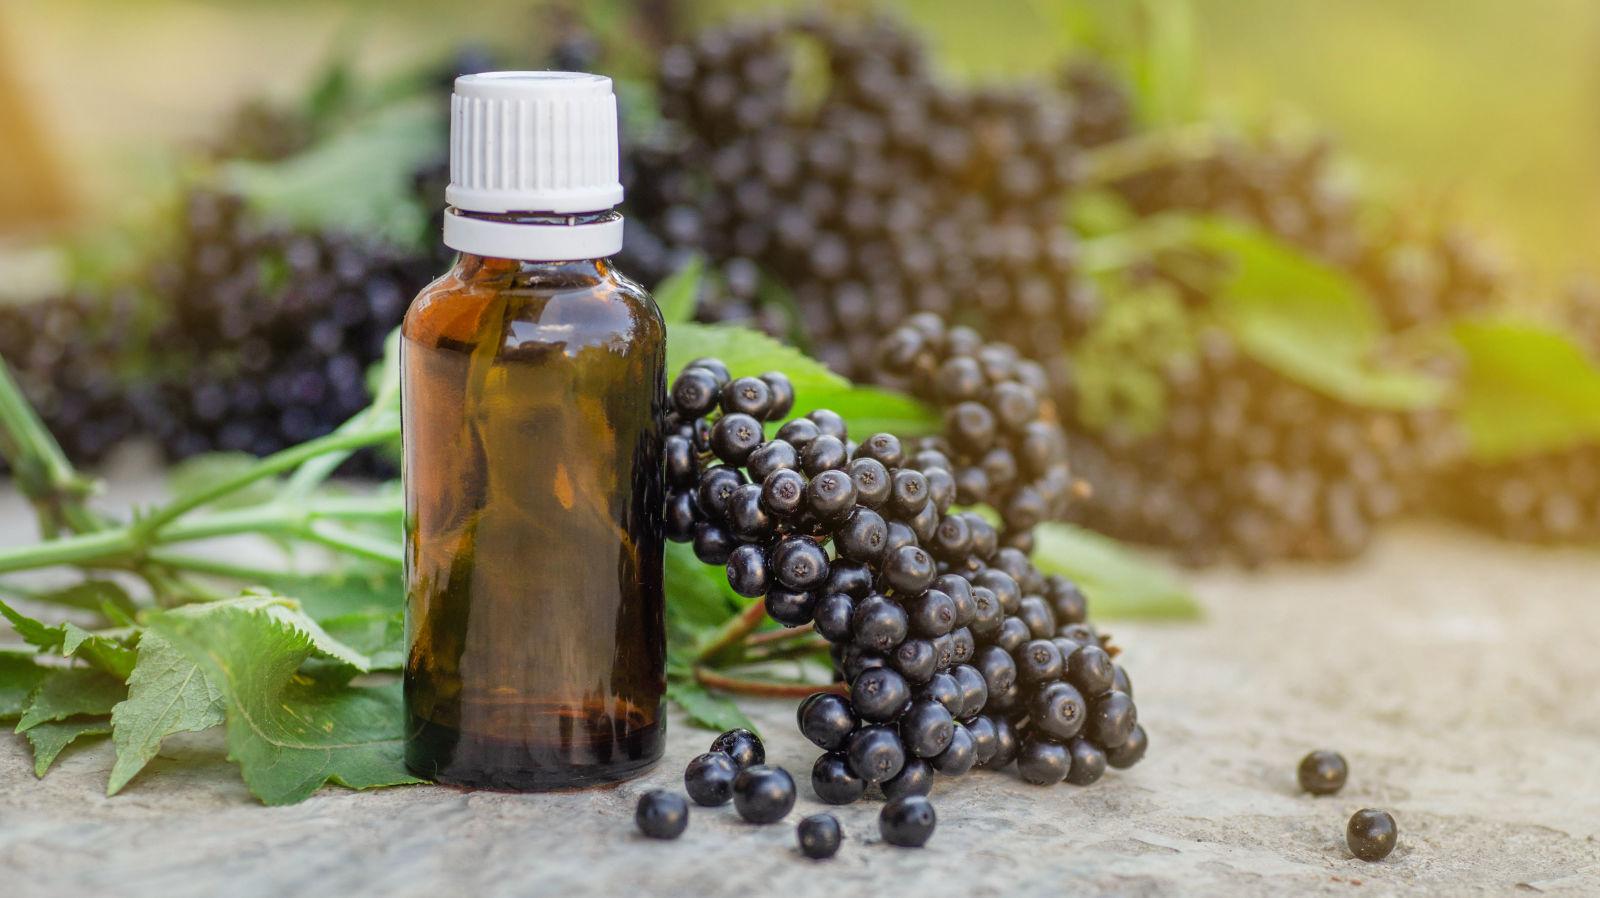 چرا مصرف مکمل برای مبارزه با بیماری کووید 19 اقدامی بیفایده است؟